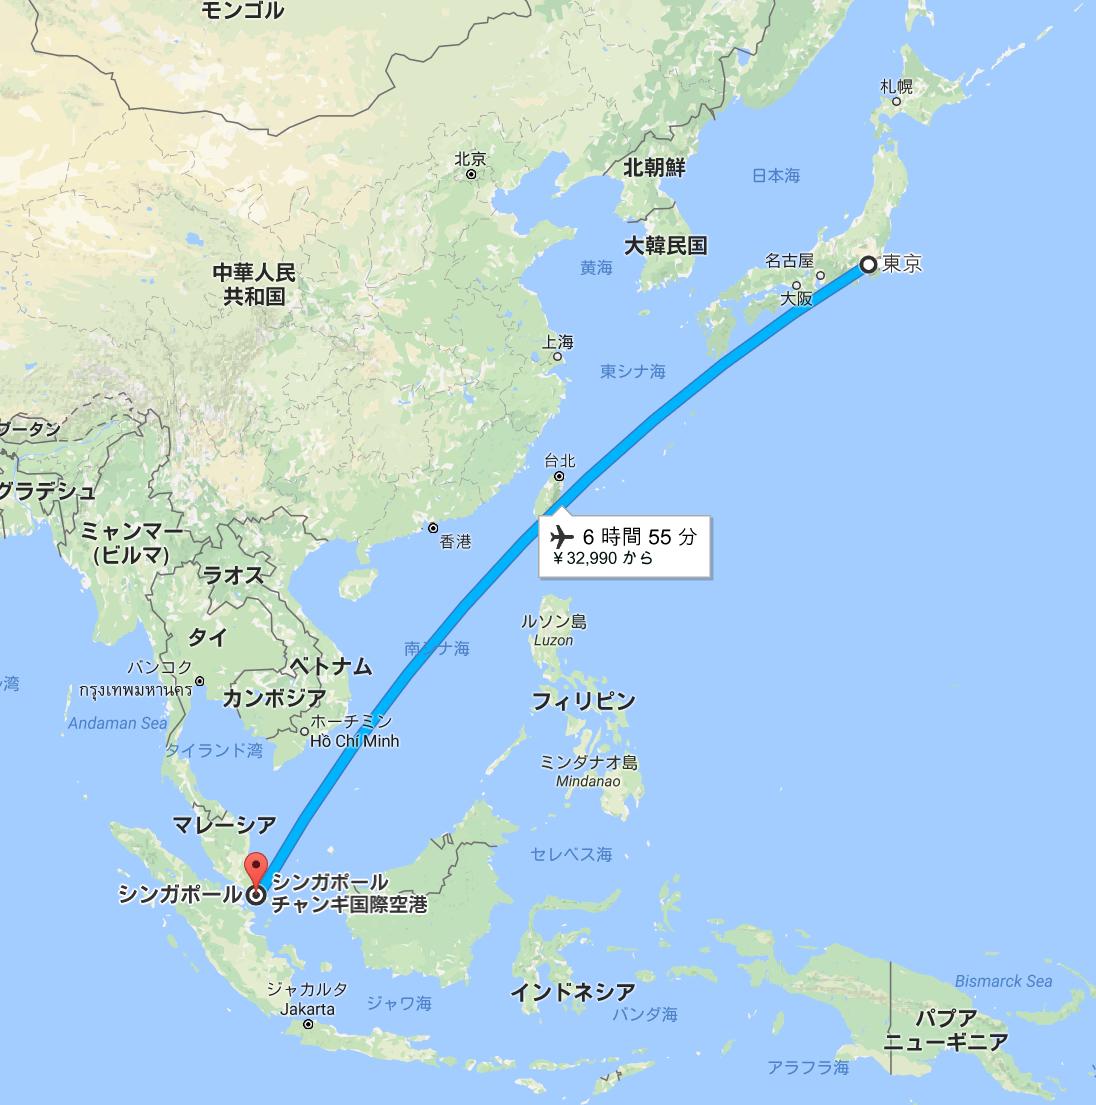 出典:https://www.google.co.jp/maps/